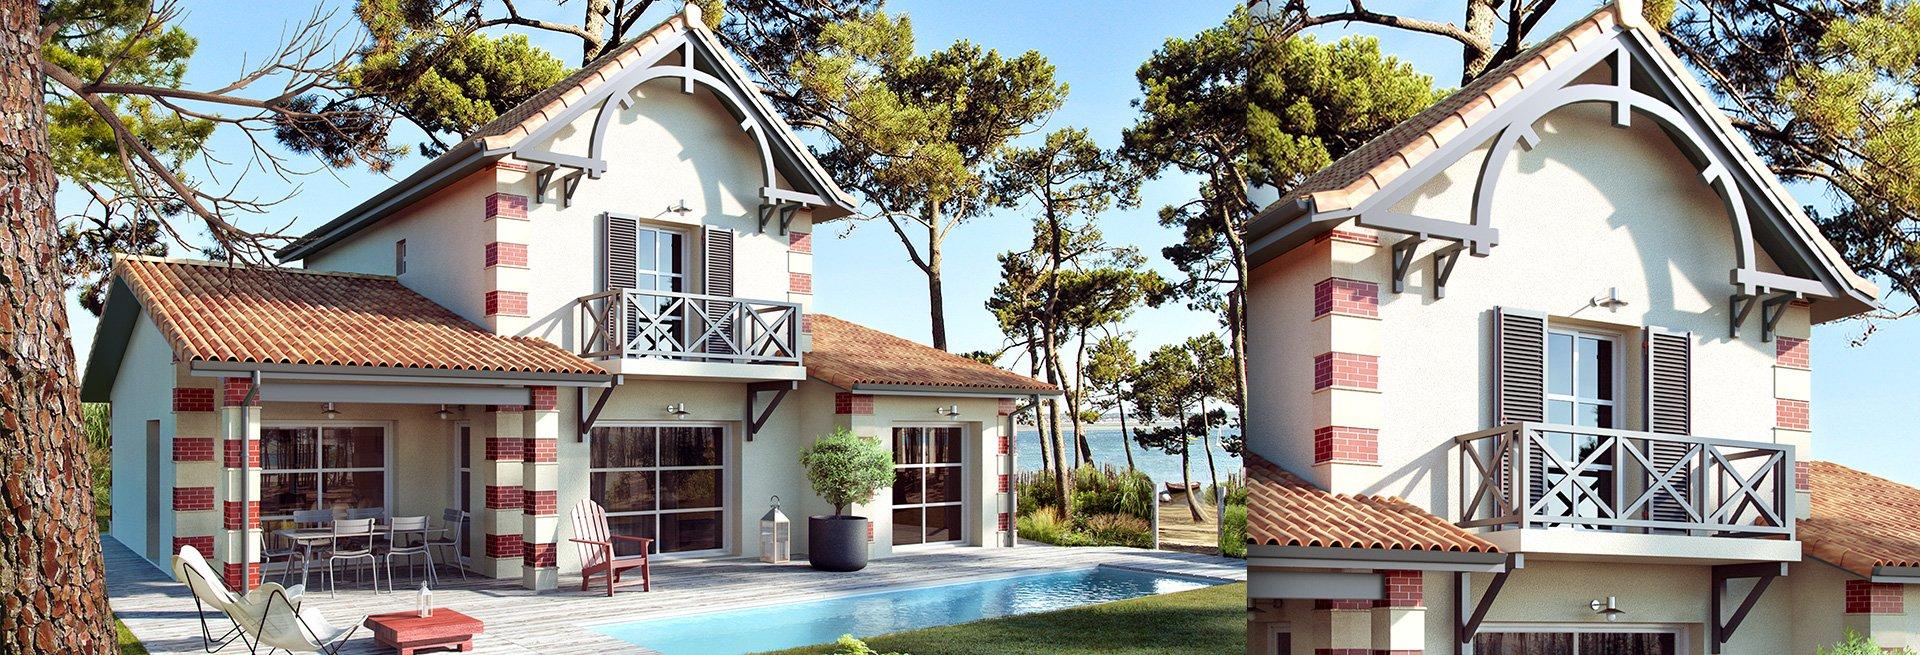 Avis Constructeur Couleur Villas votre constructeur de maisons individuelles de qualité en